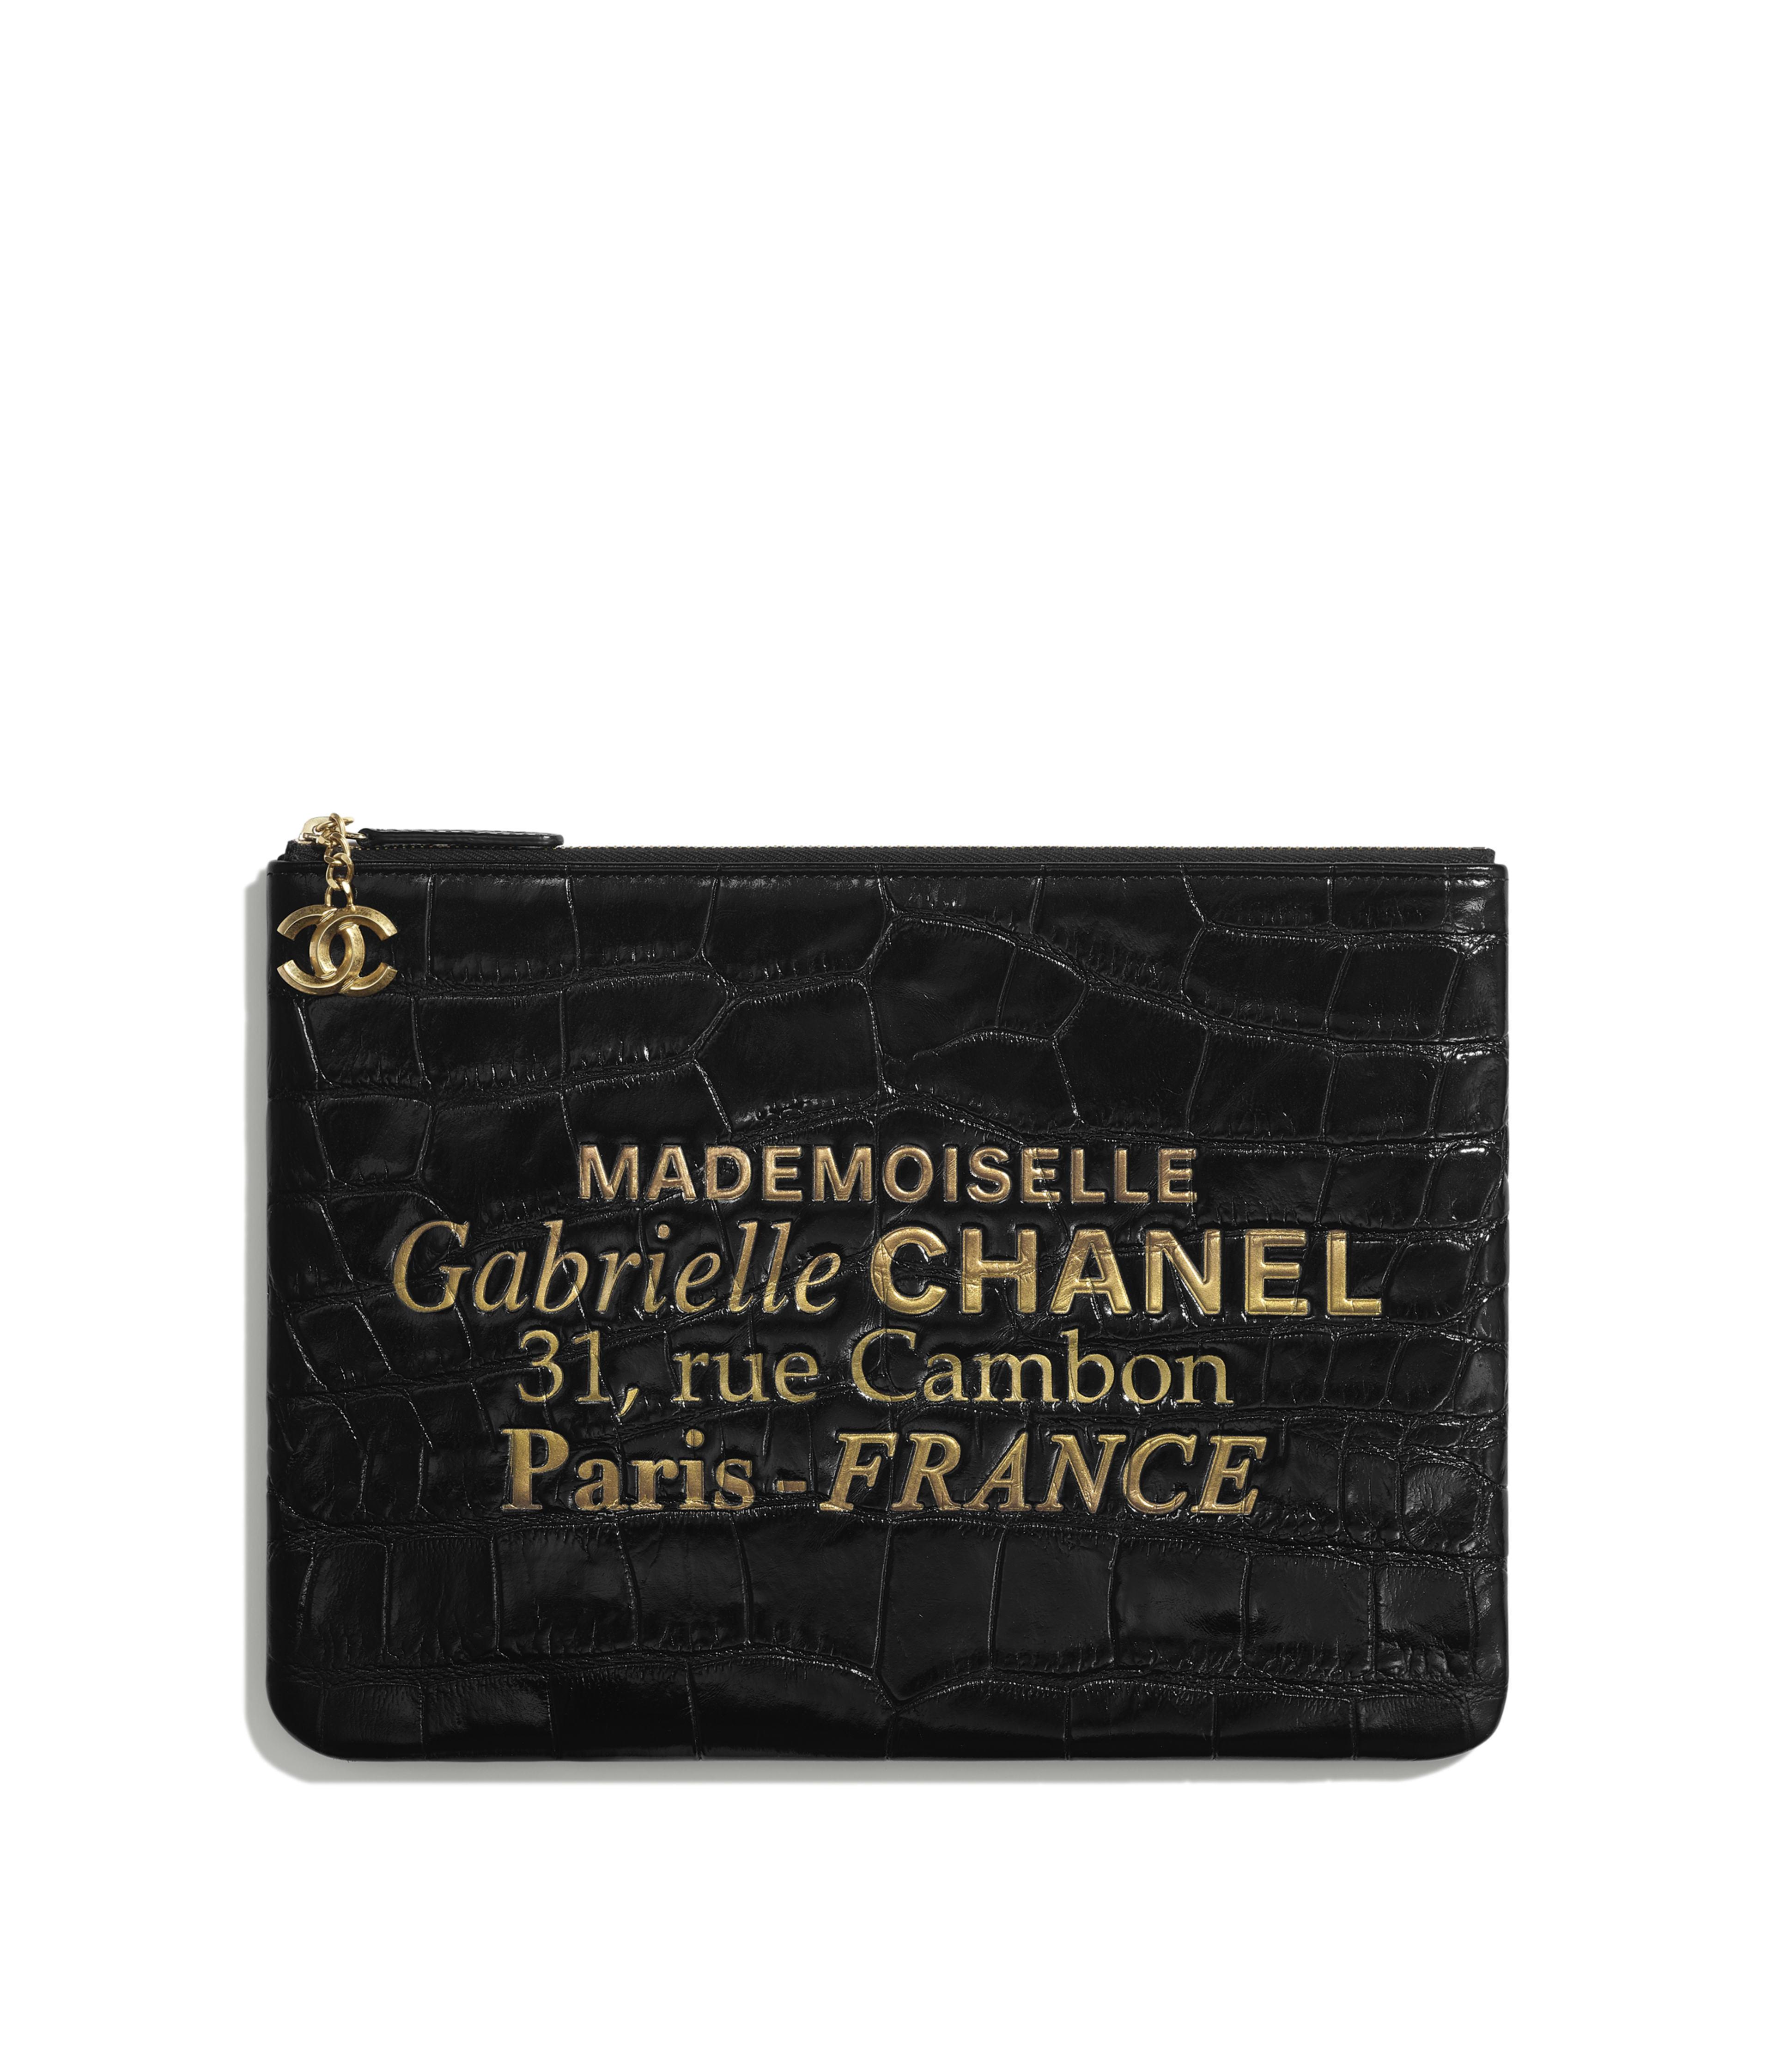 ed6c8edbd7a Small leather goods - Fashion | CHANEL